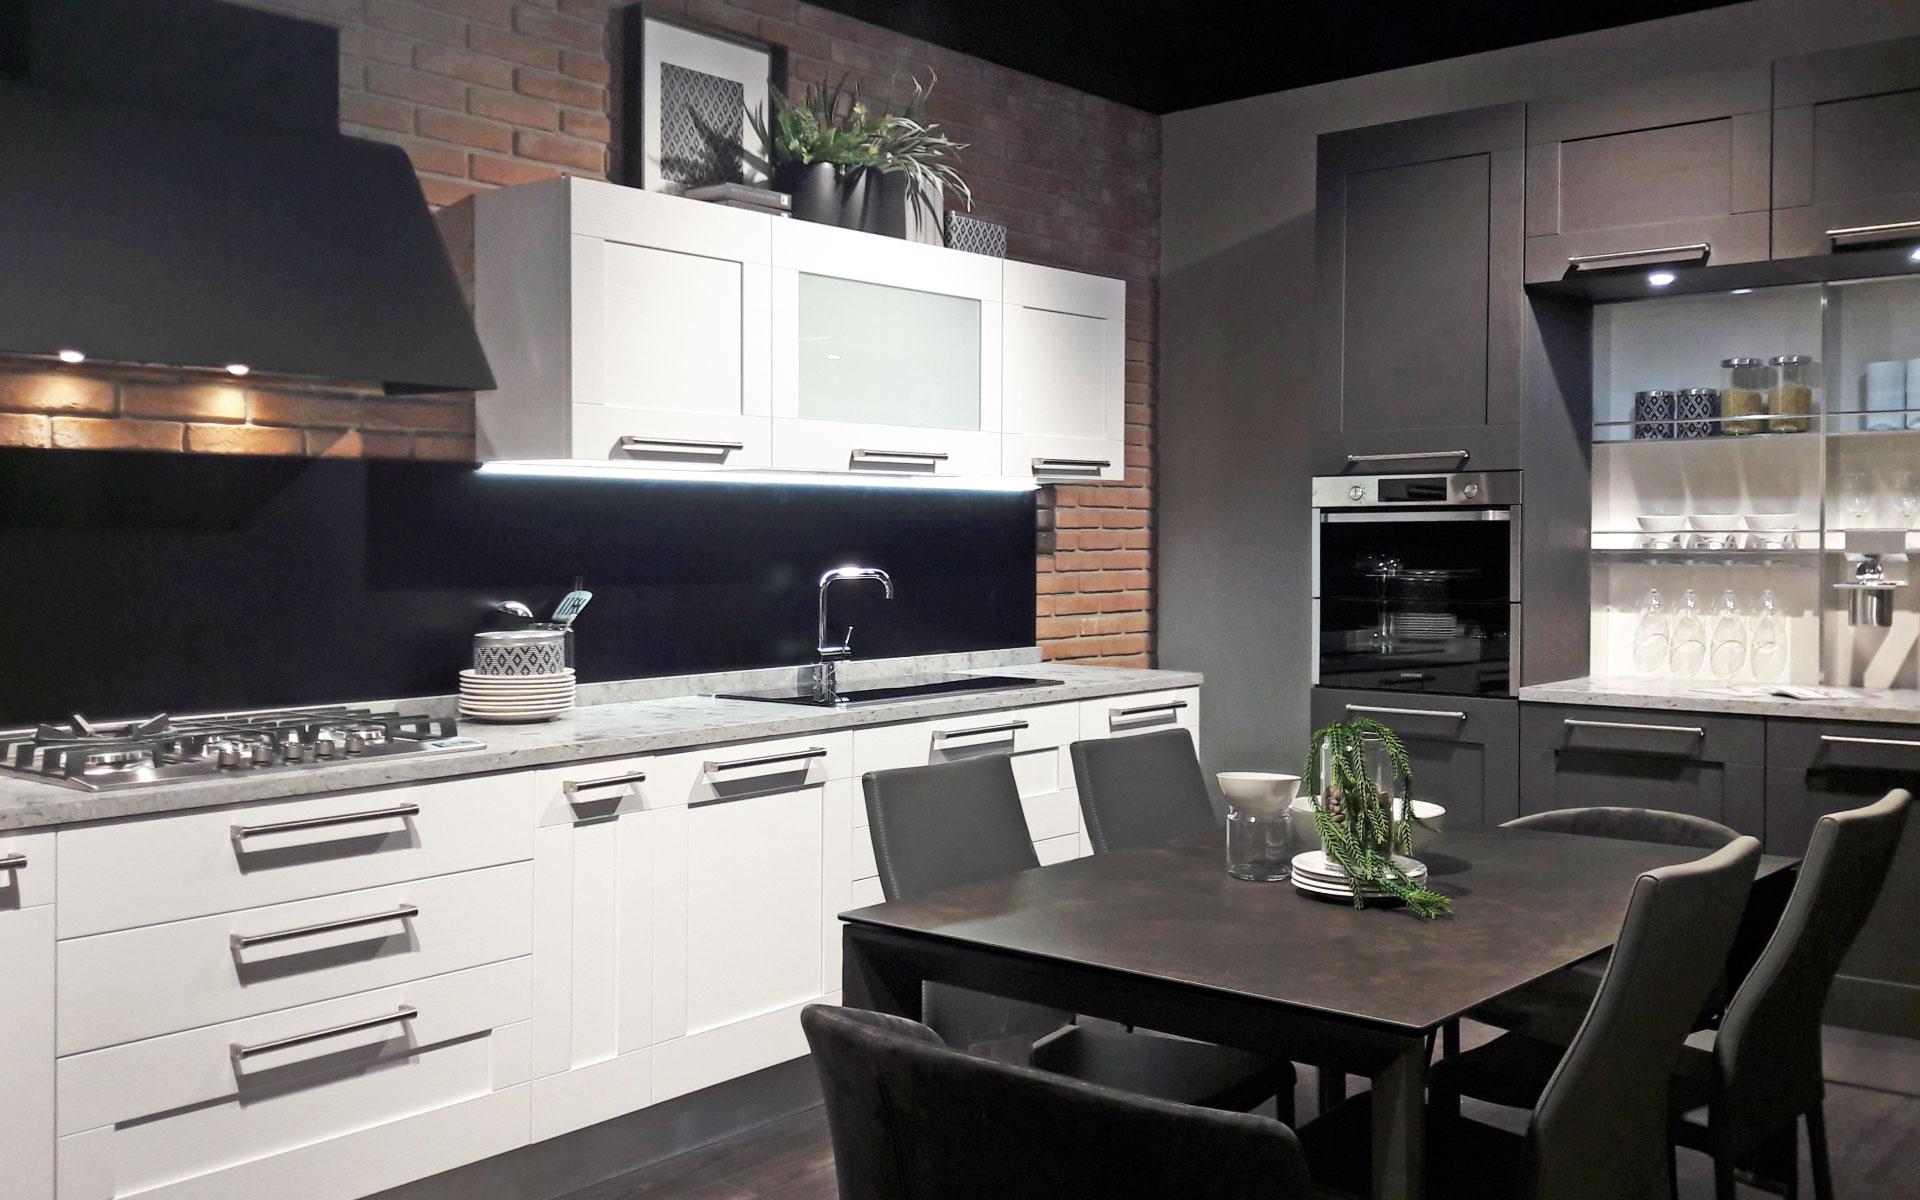 Cucina Lube per piccoli ambienti